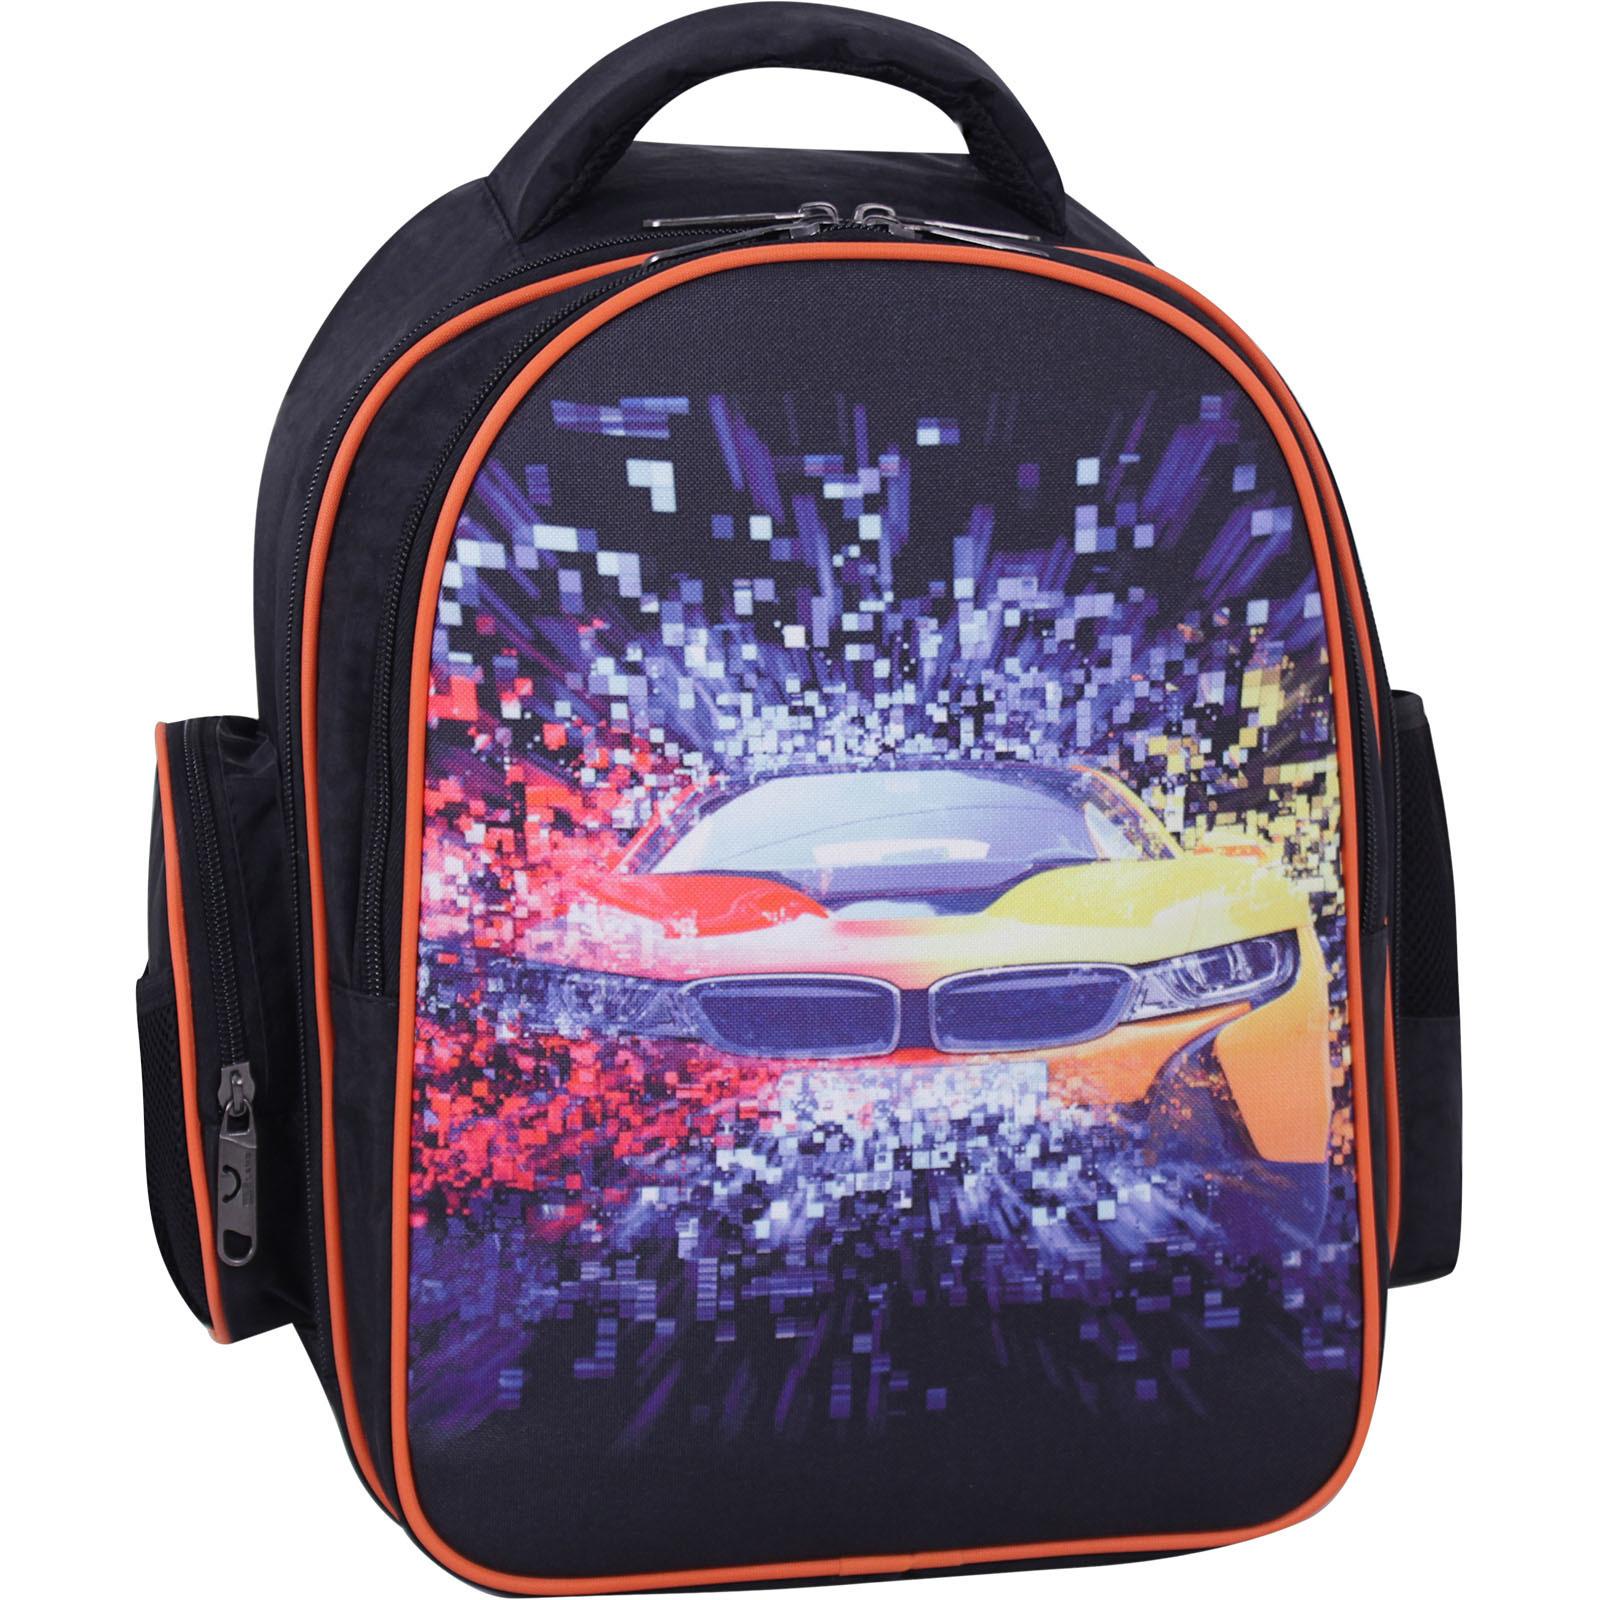 Детские рюкзаки Рюкзак Bagland Pupil 14 л. черный 417 (0012570) IMG_8424_суб417_-1600.jpg